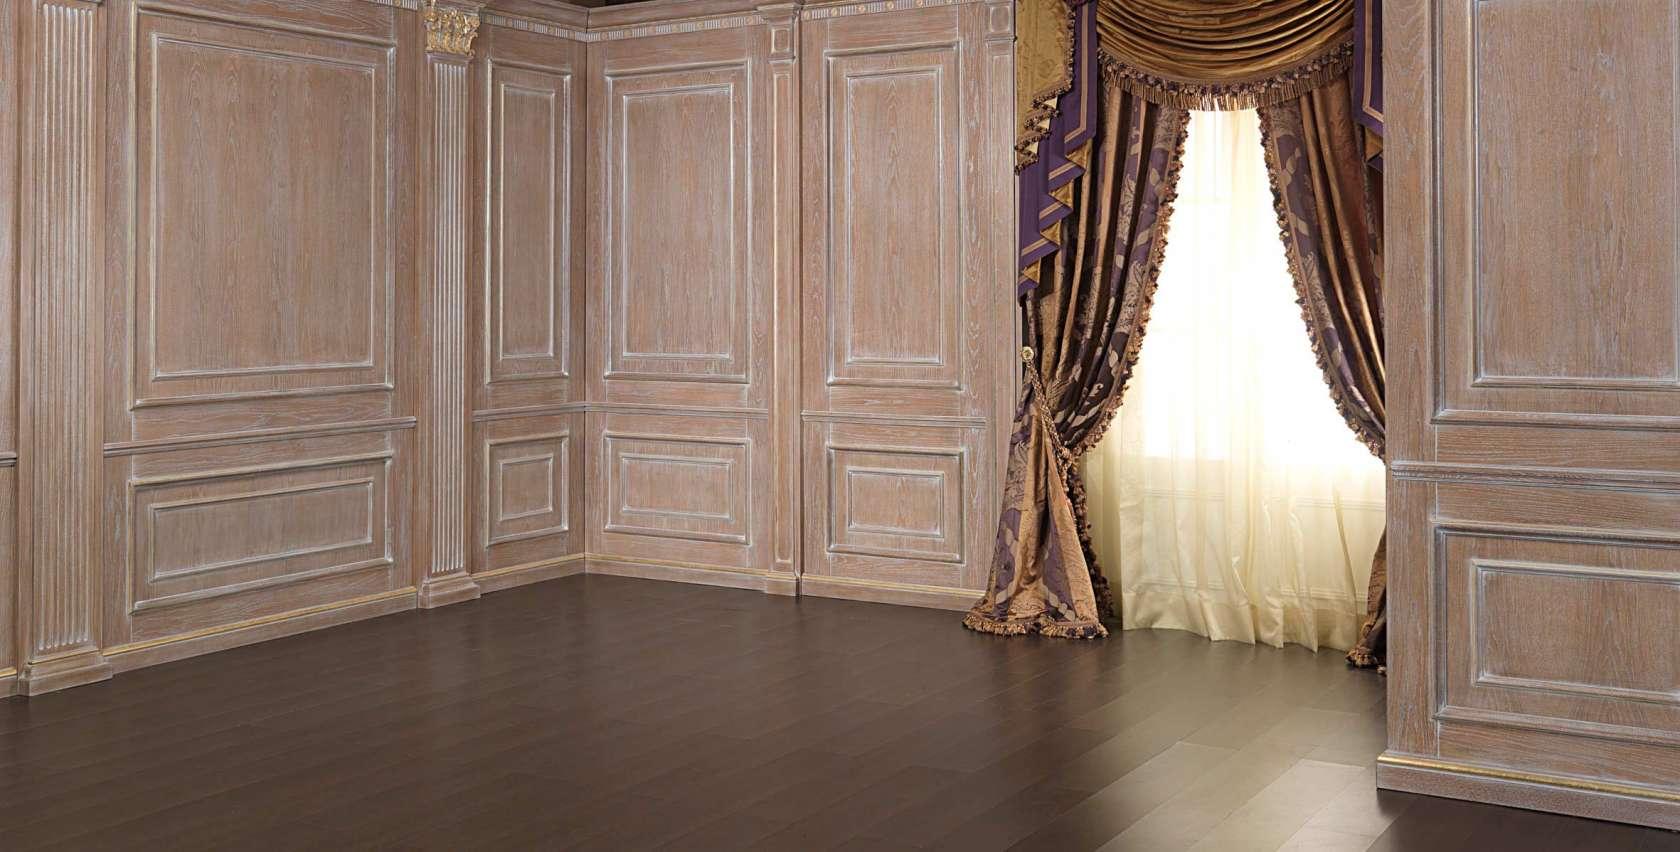 Boiserie con colonne vimercati meda - Camera da letto con boiserie ...